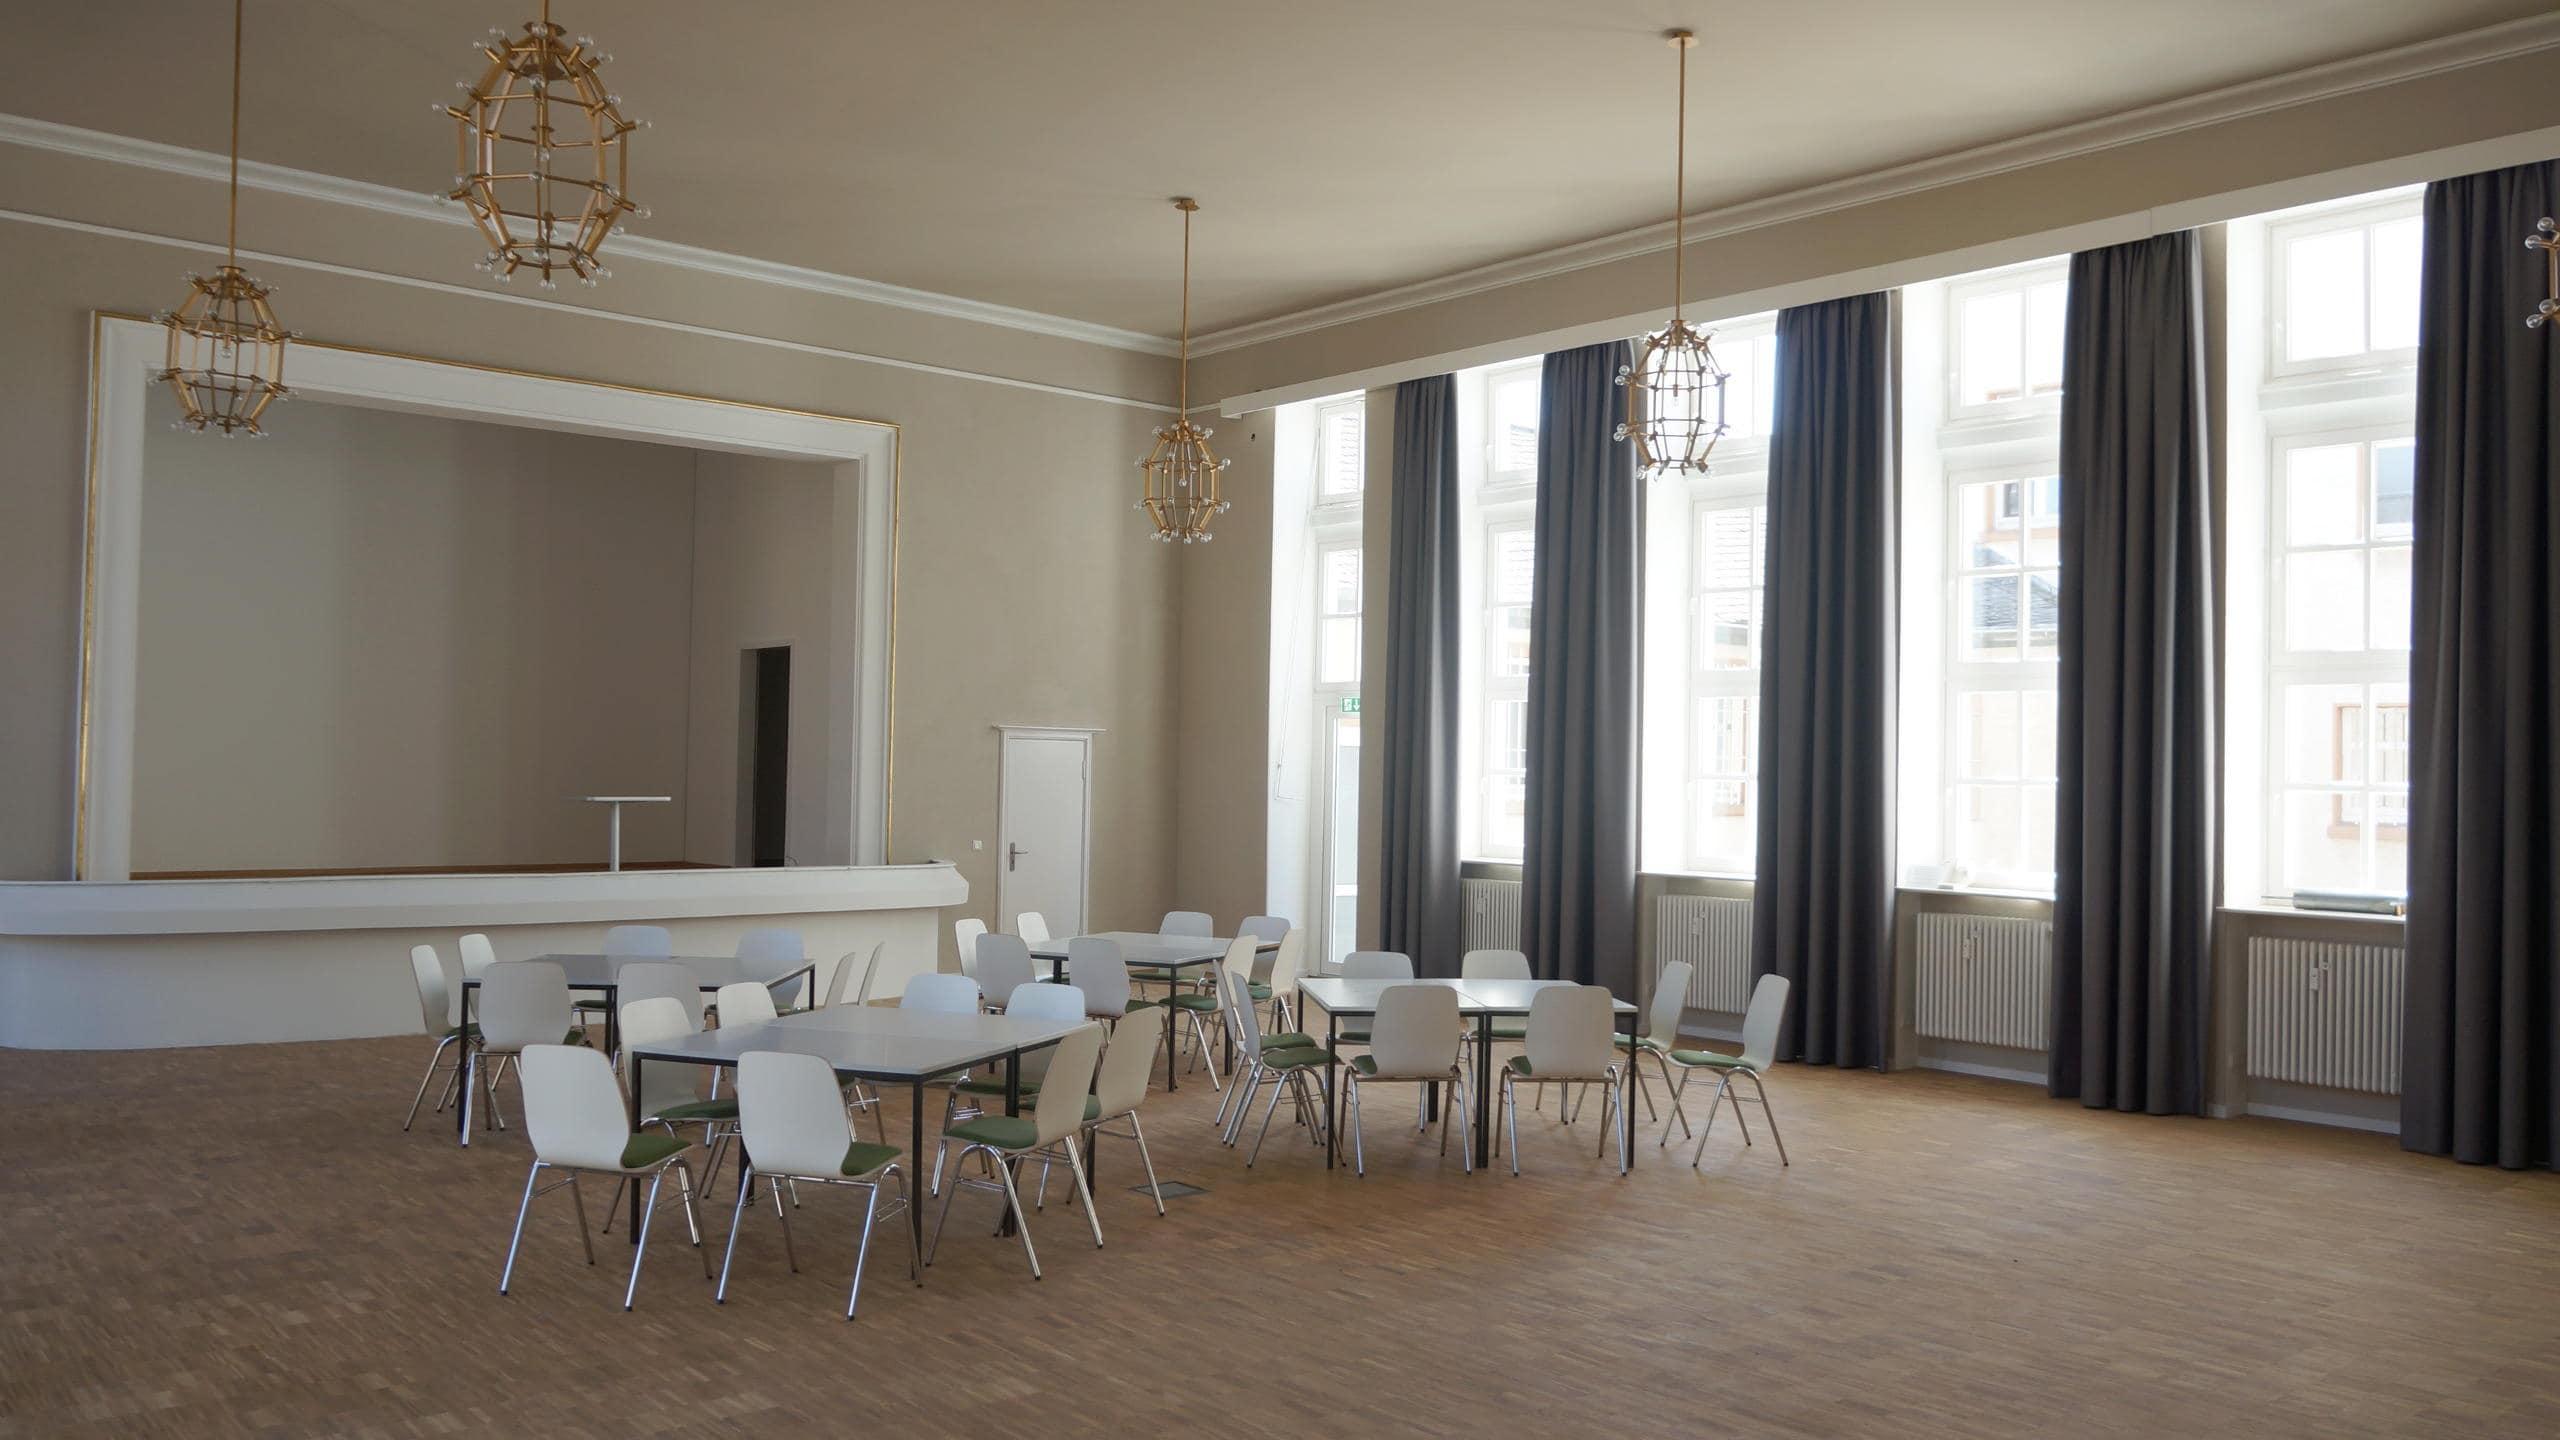 Akustik Vorhang Set : Akustikvorhänge mbakustik i büro für raumakustik